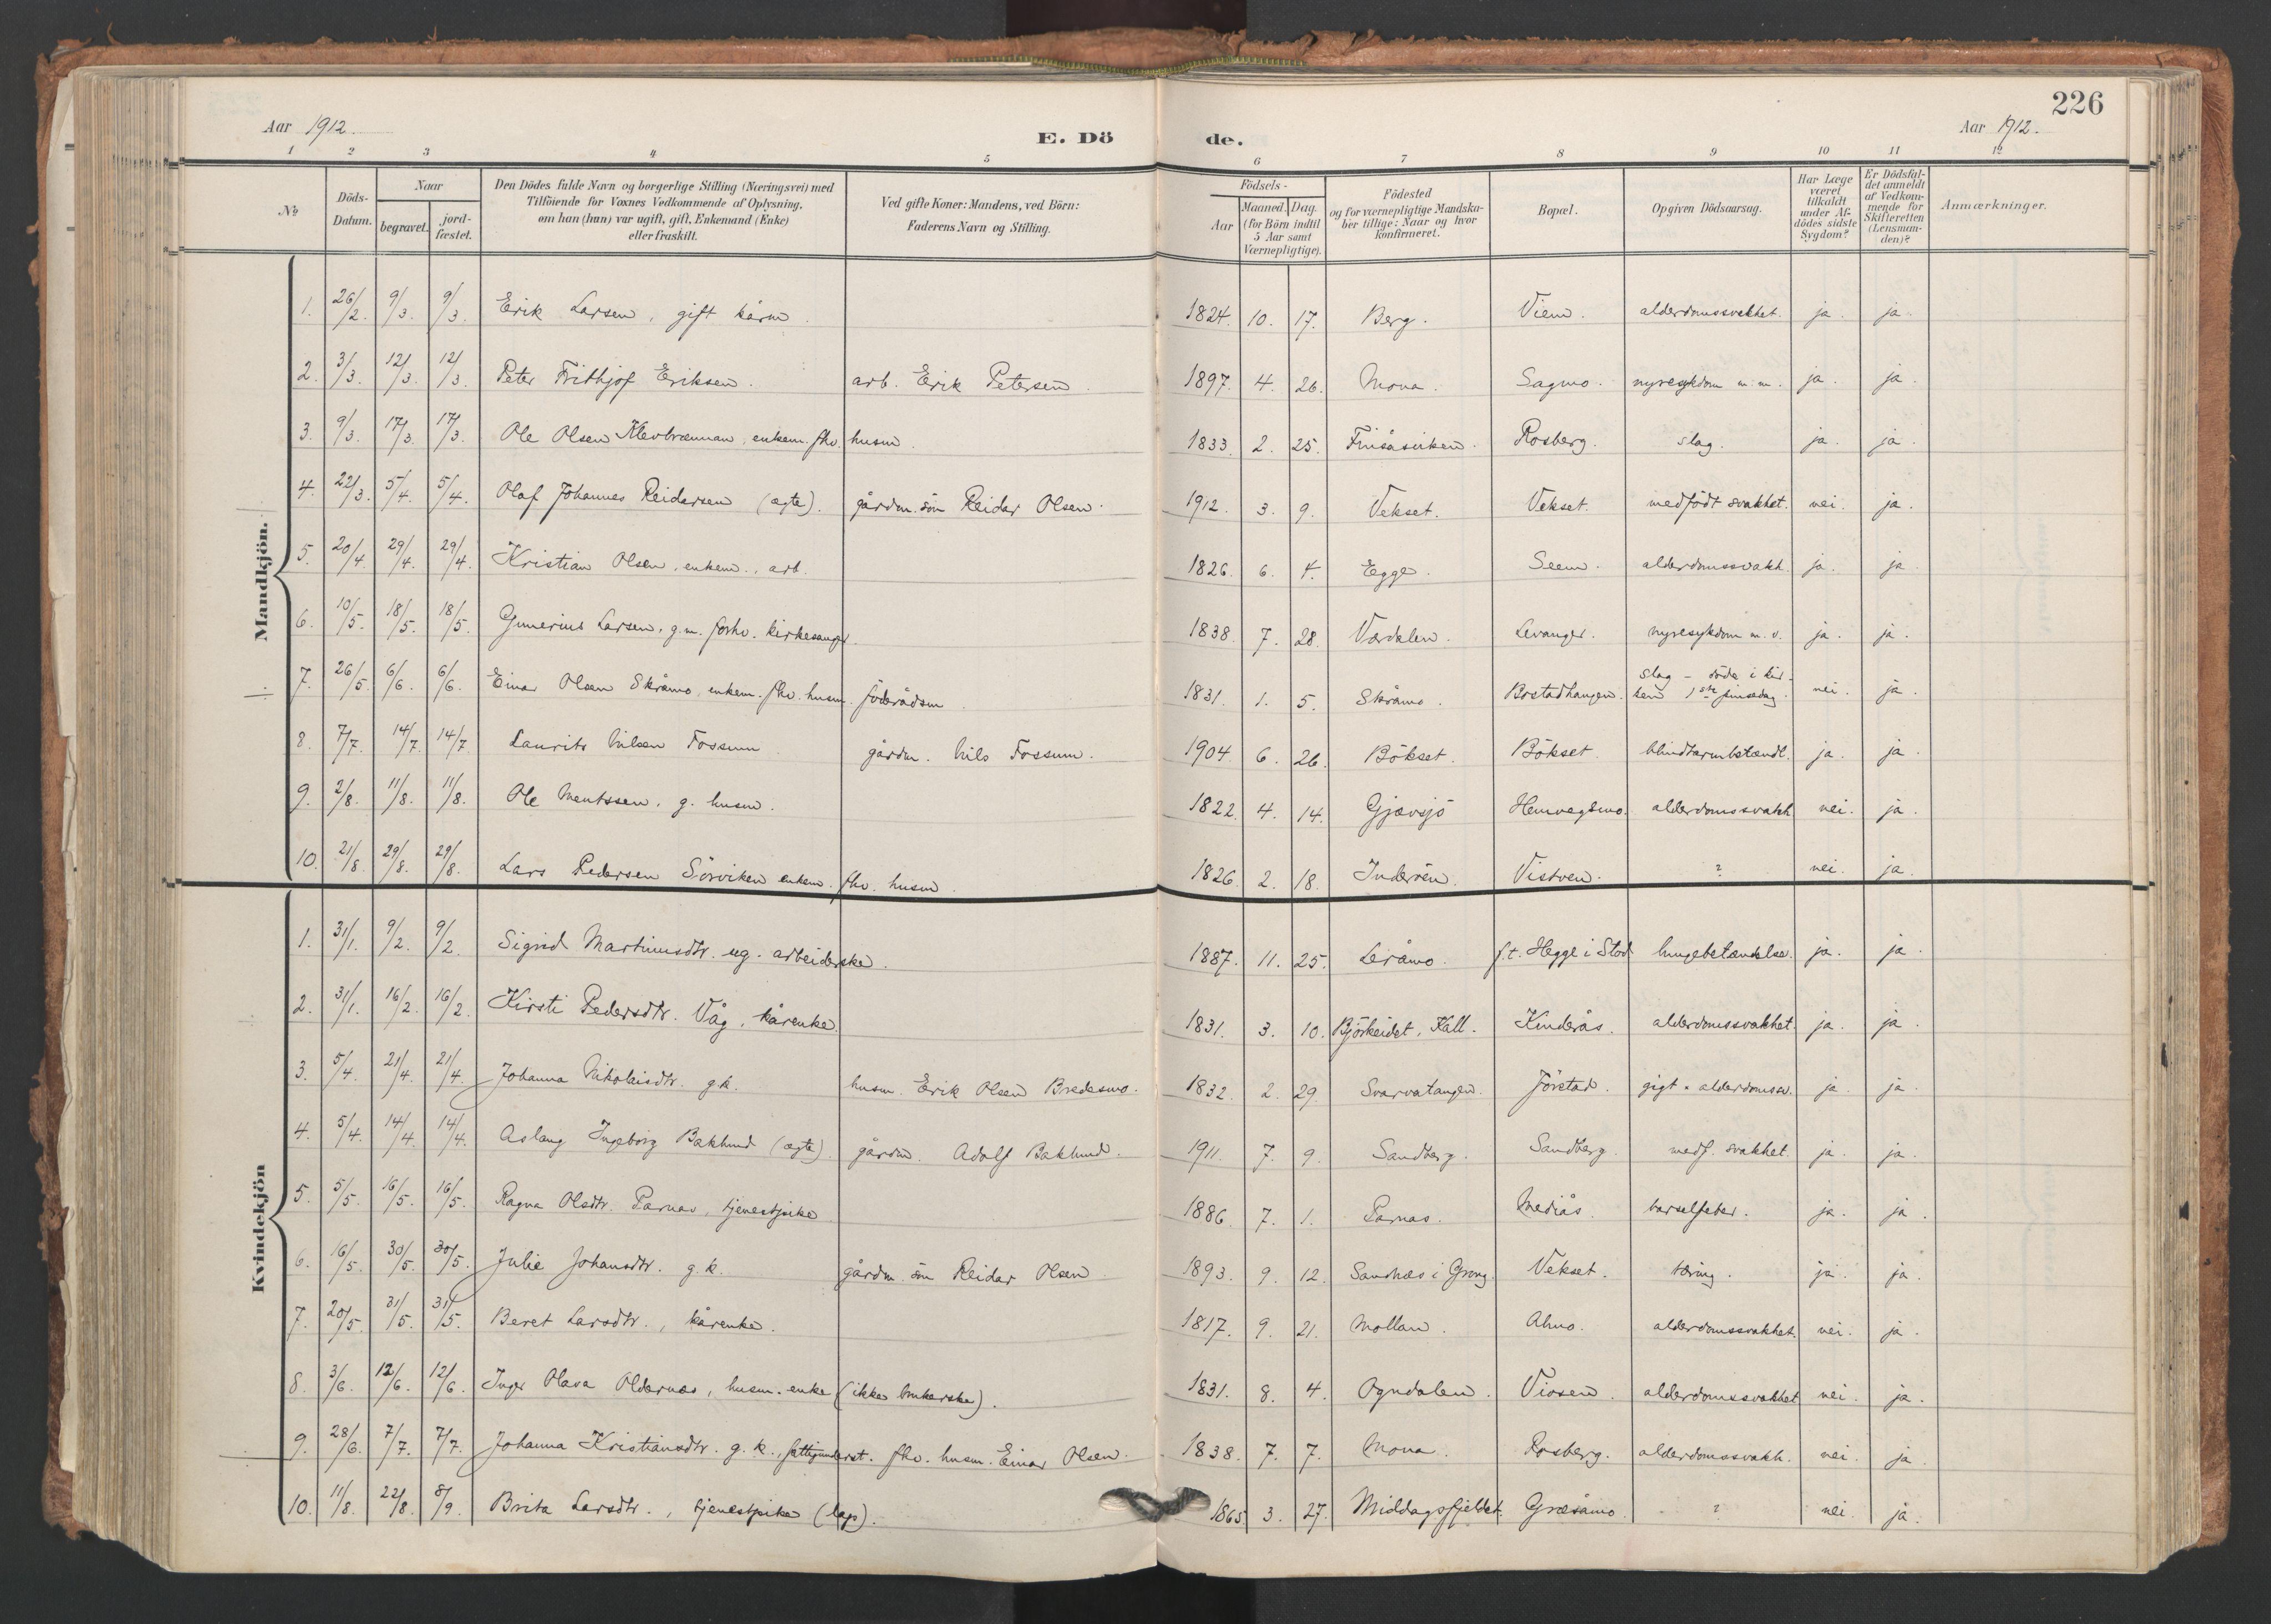 SAT, Ministerialprotokoller, klokkerbøker og fødselsregistre - Nord-Trøndelag, 749/L0477: Ministerialbok nr. 749A11, 1902-1927, s. 226